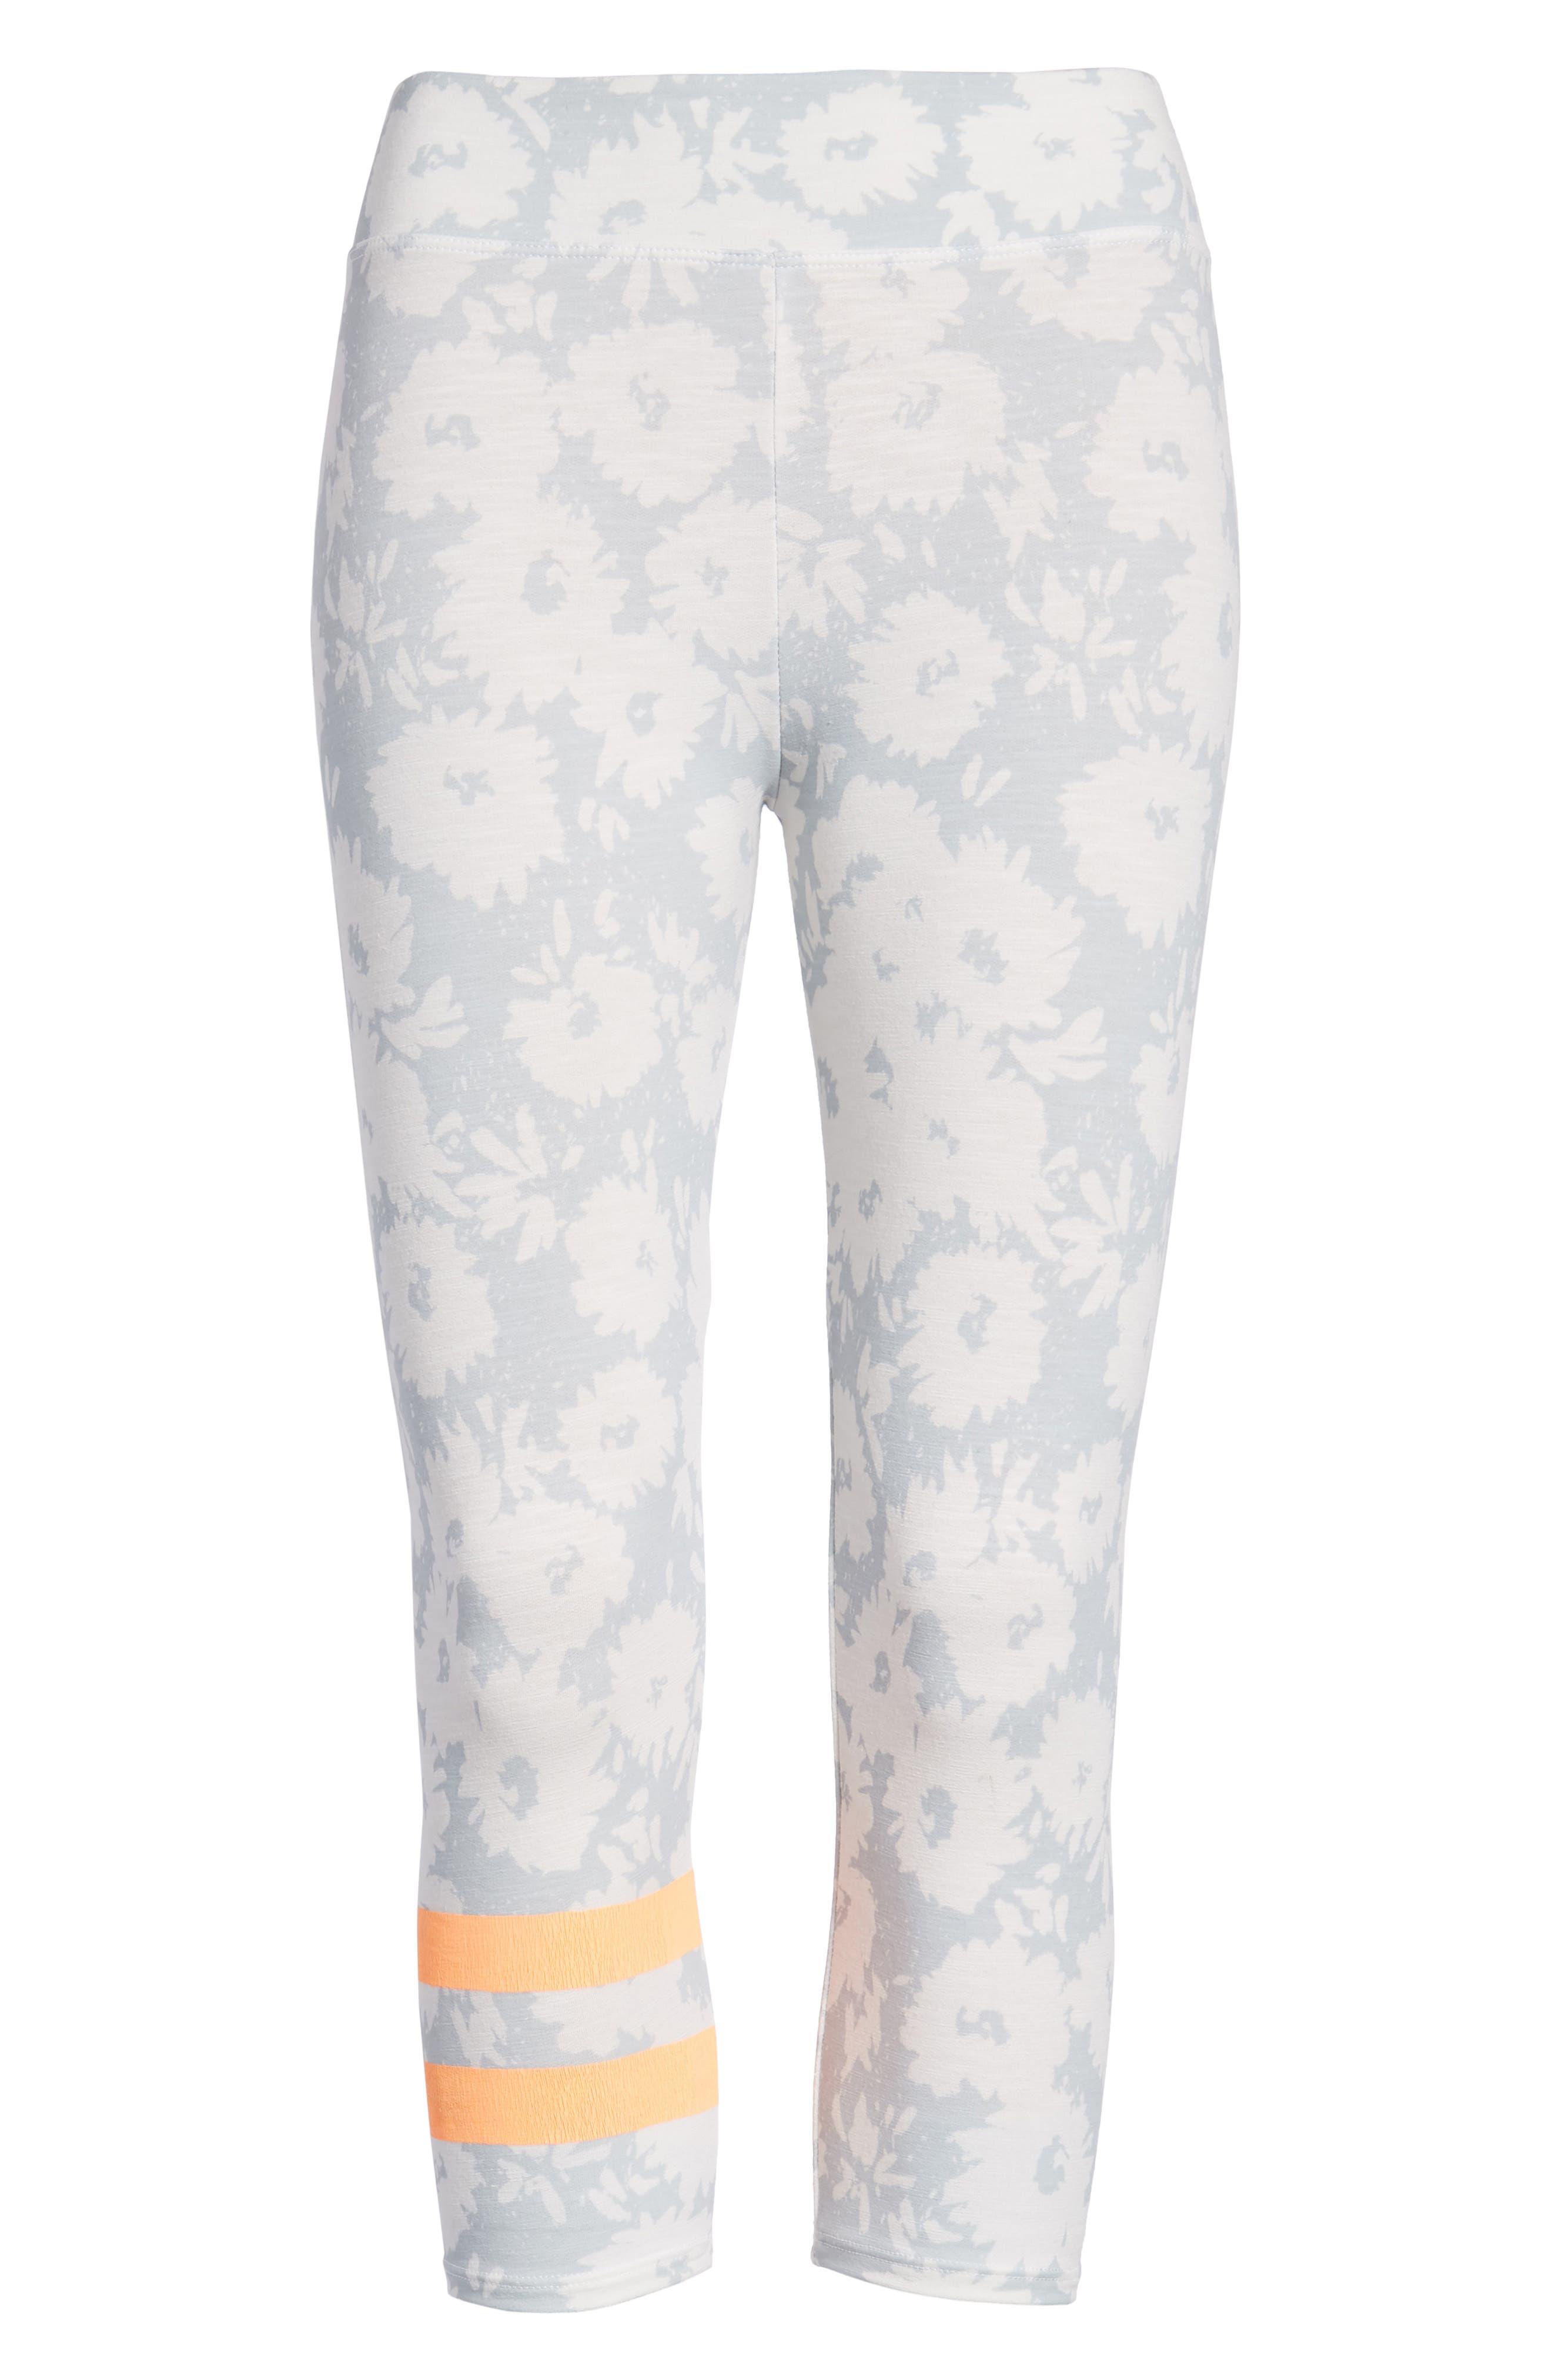 Stripe Print Capri Yoga Pants,                             Alternate thumbnail 7, color,                             451